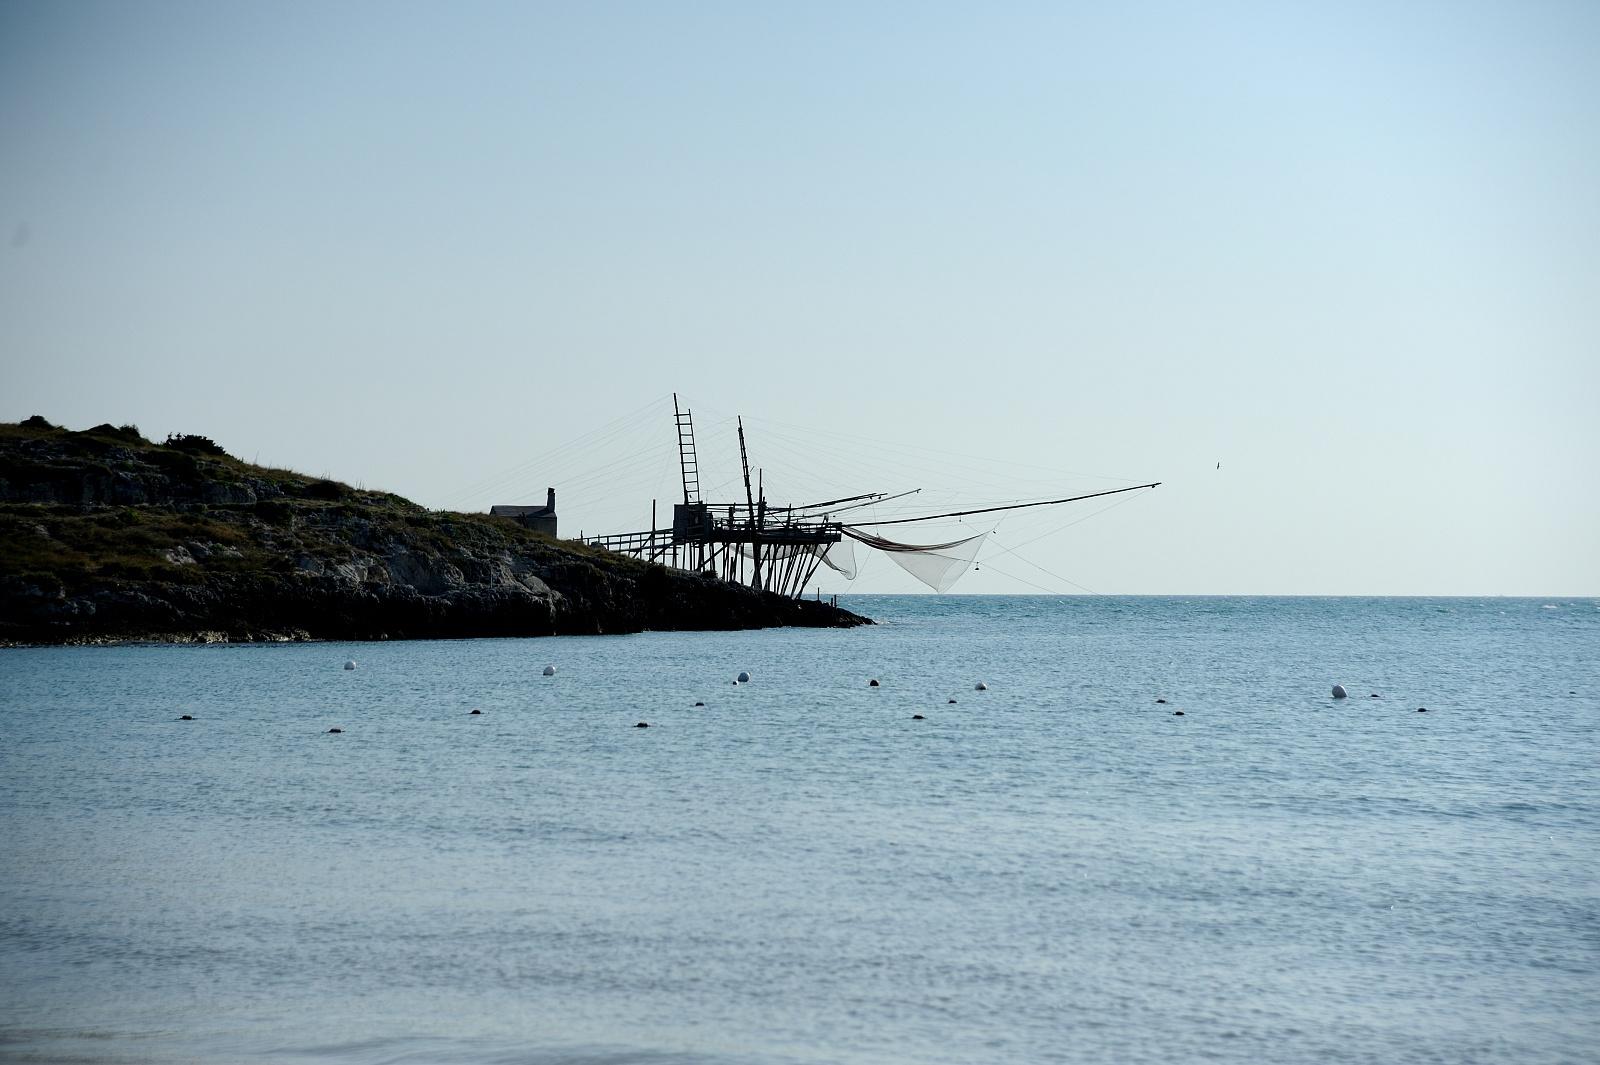 Trabucco visibile dalla spiaggia Calamolinella